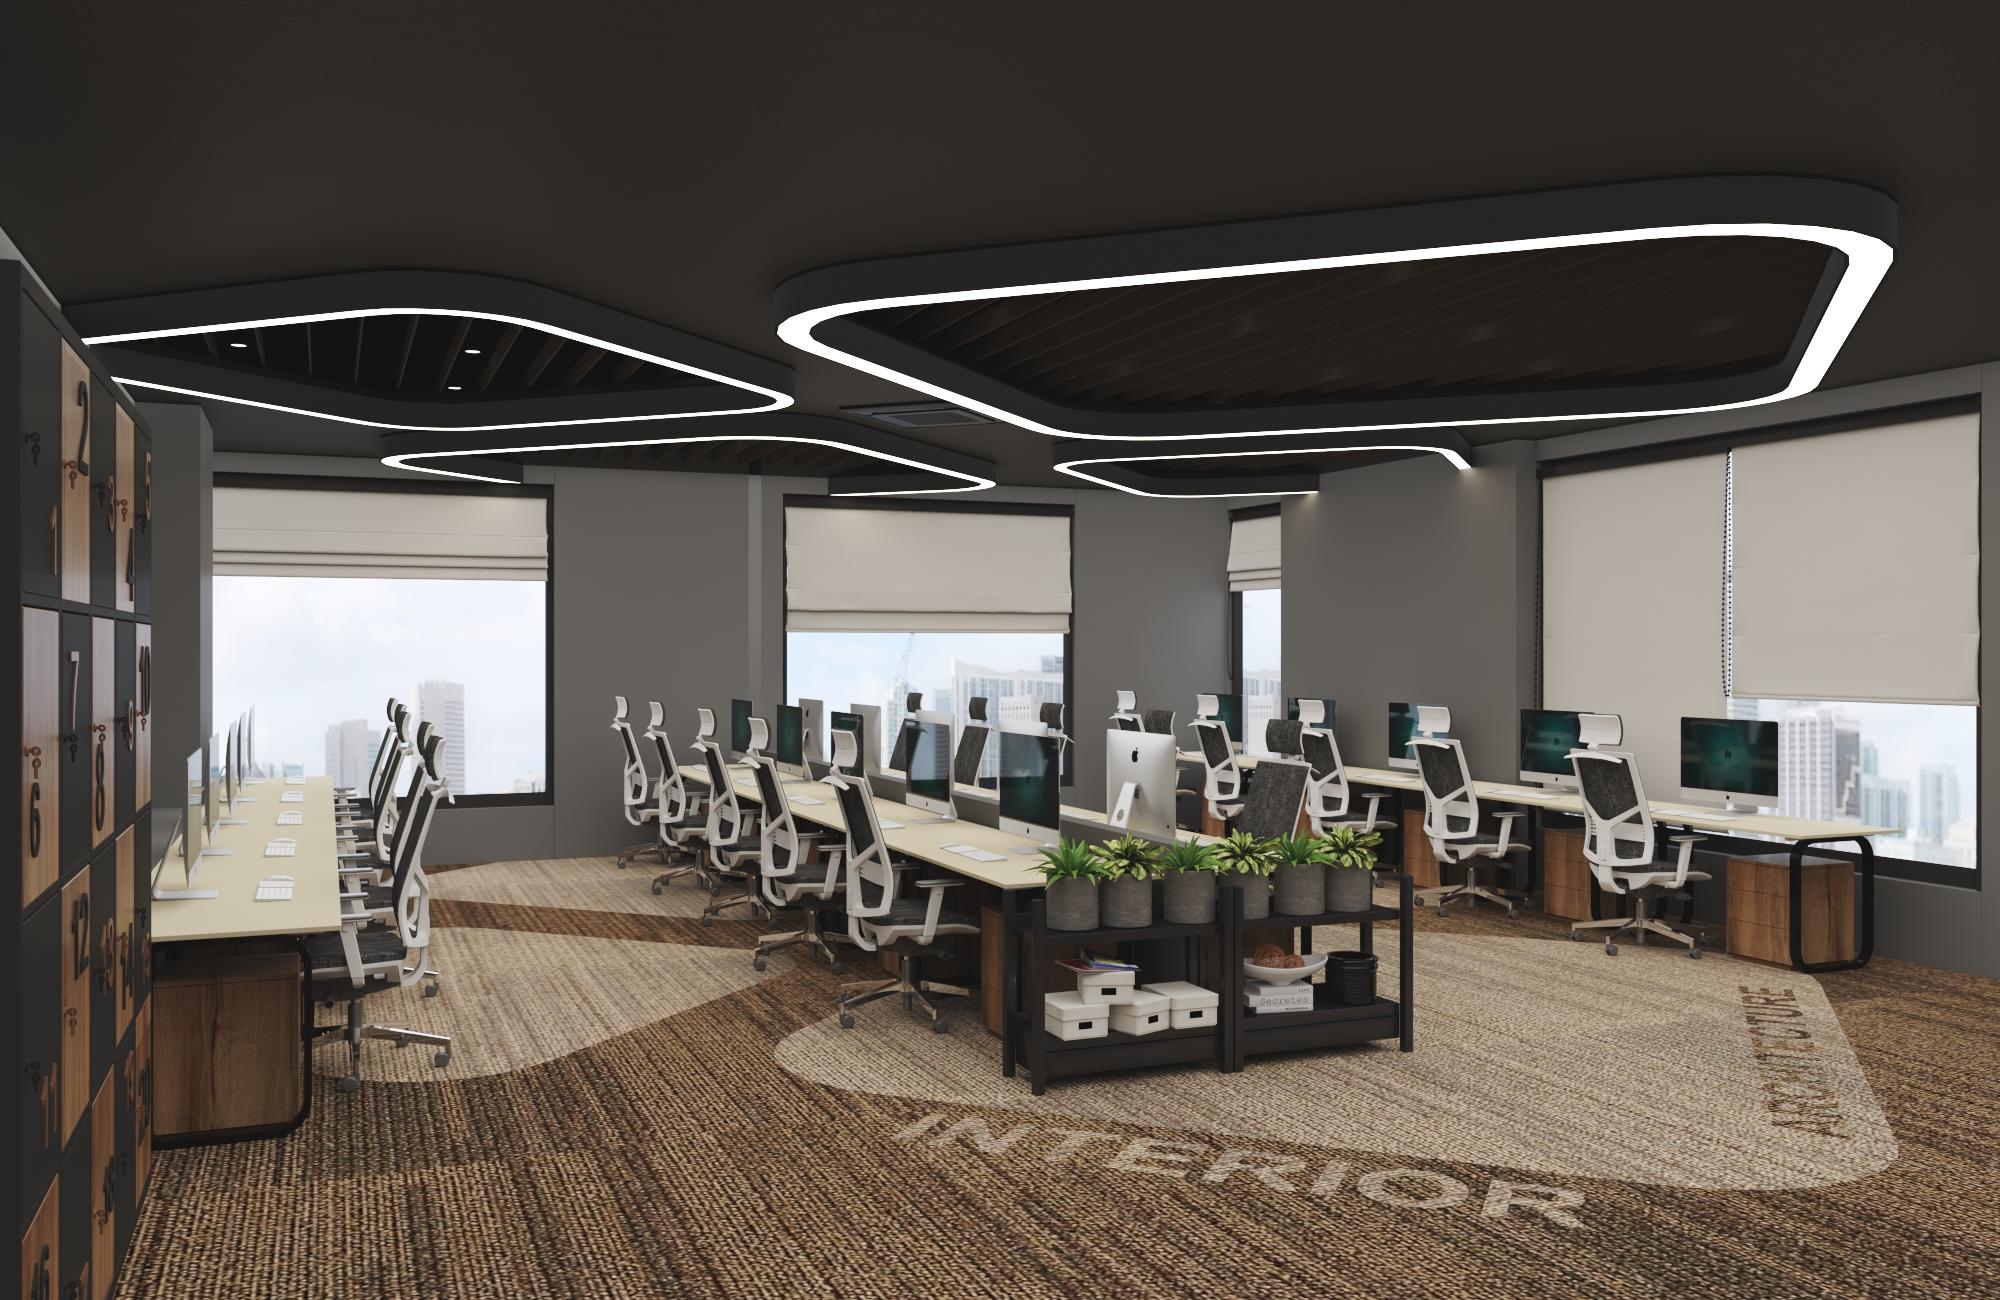 Thiết kế nội thất Văn Phòng tại Hồ Chí Minh VĂN PHÒNG CÔNG TY KIẾN TRÚC VÀ NỘI THẤT NHÀ XINH 1594800457 12